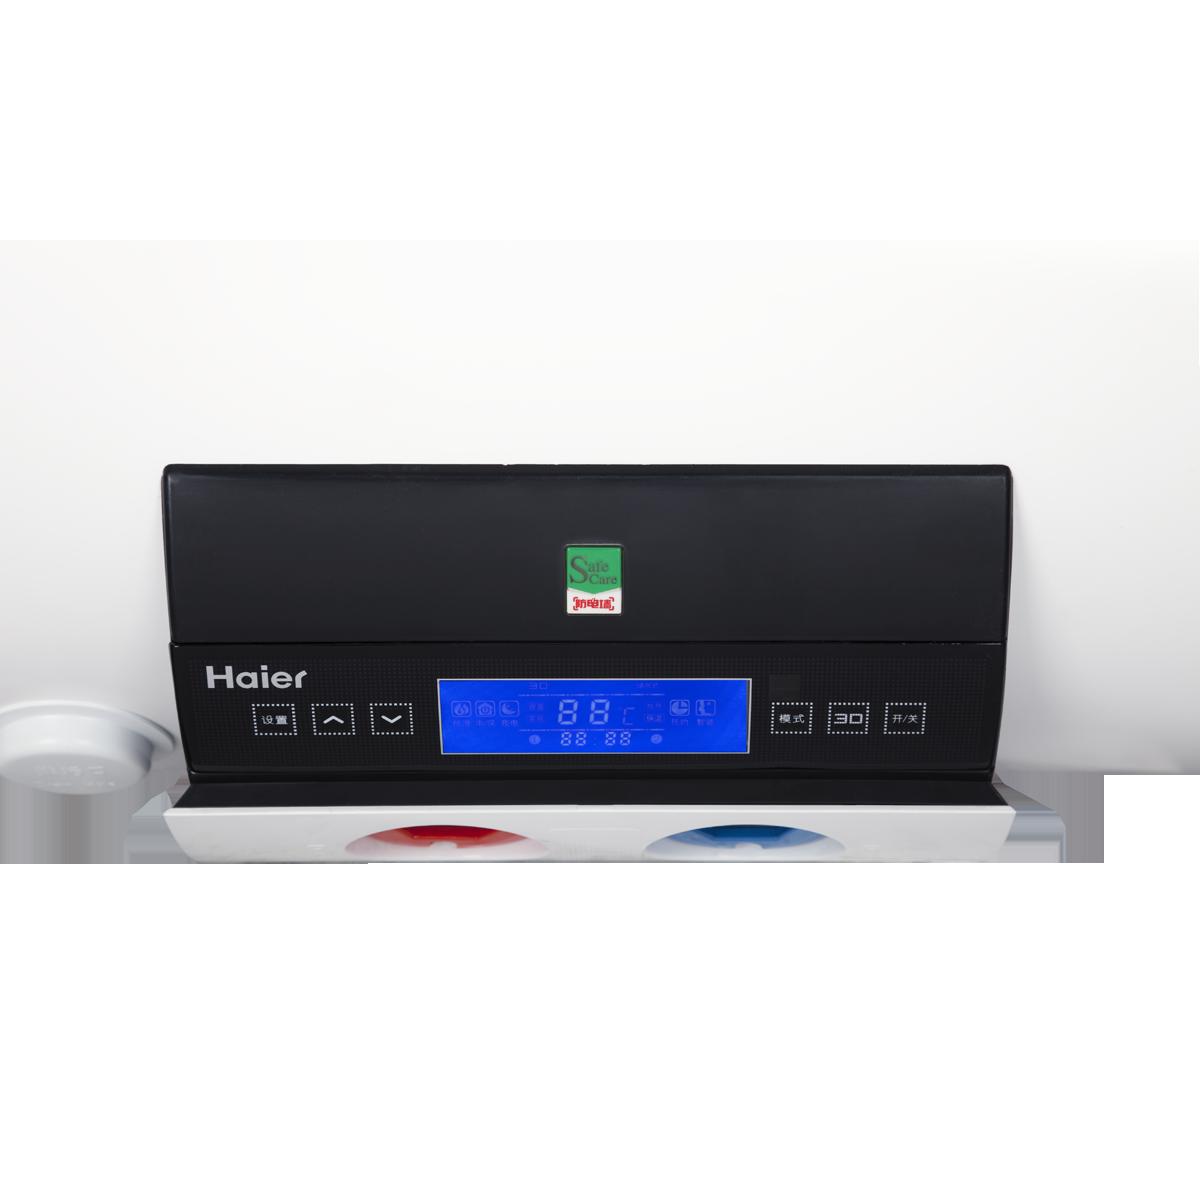 海尔电热水器 3d-hm50di(e)